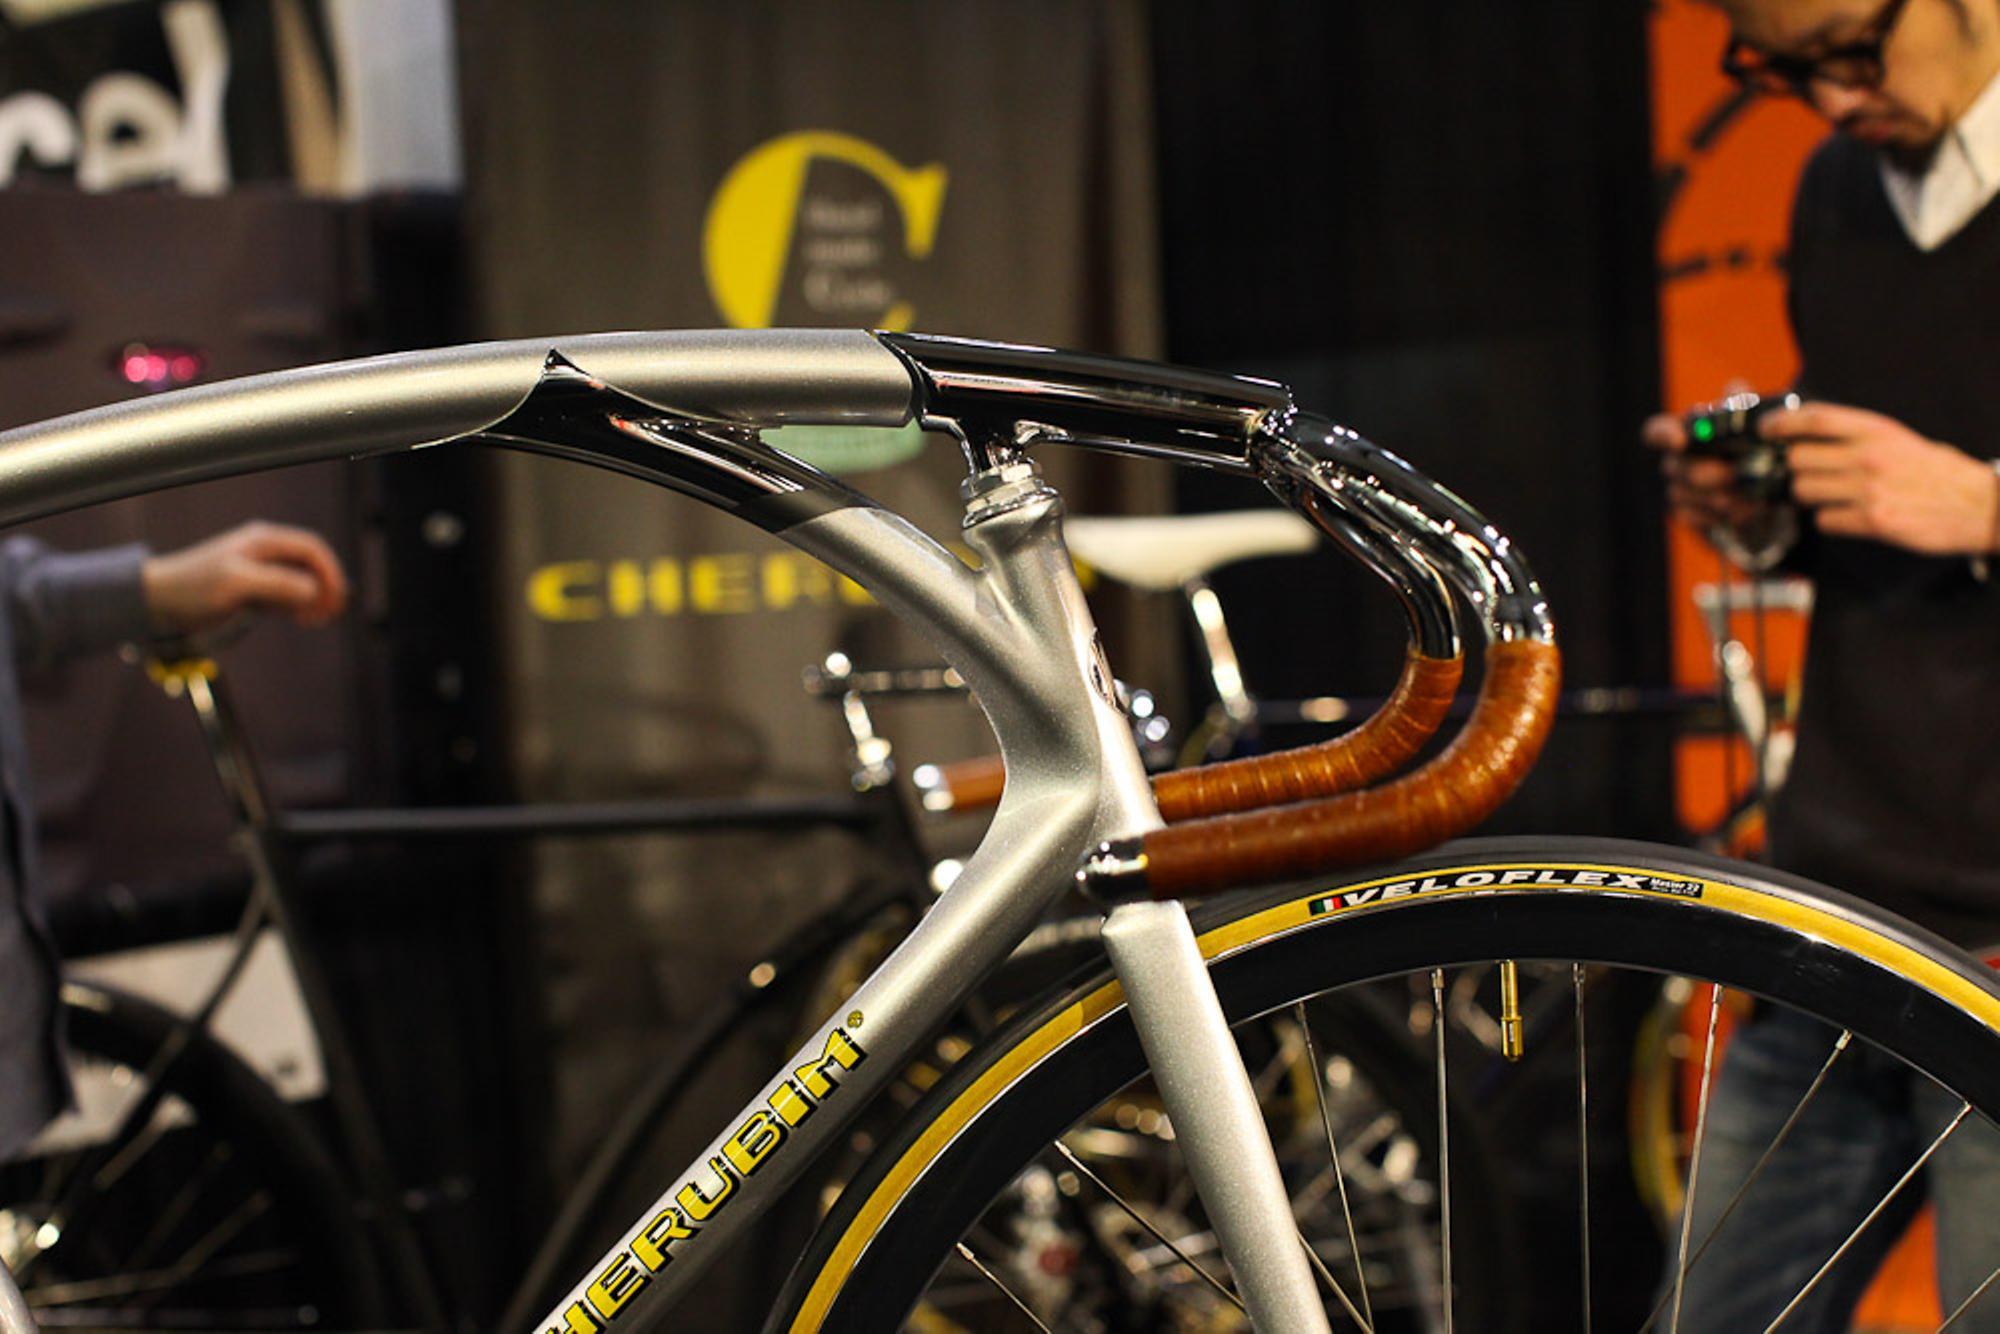 Cherubim Cycles